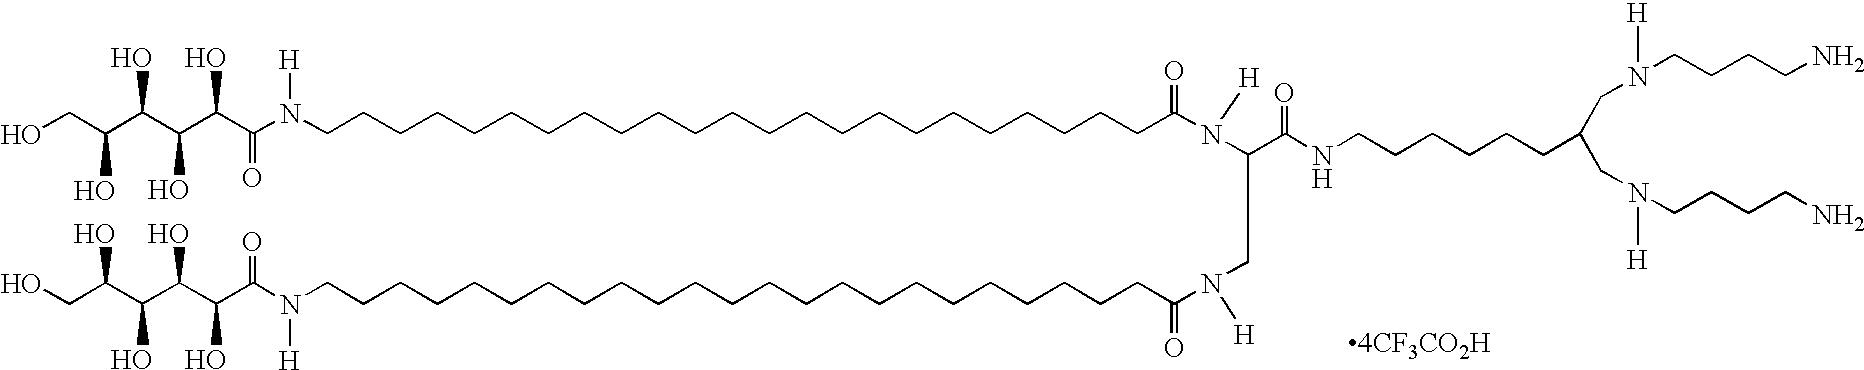 Figure US06583301-20030624-C00059